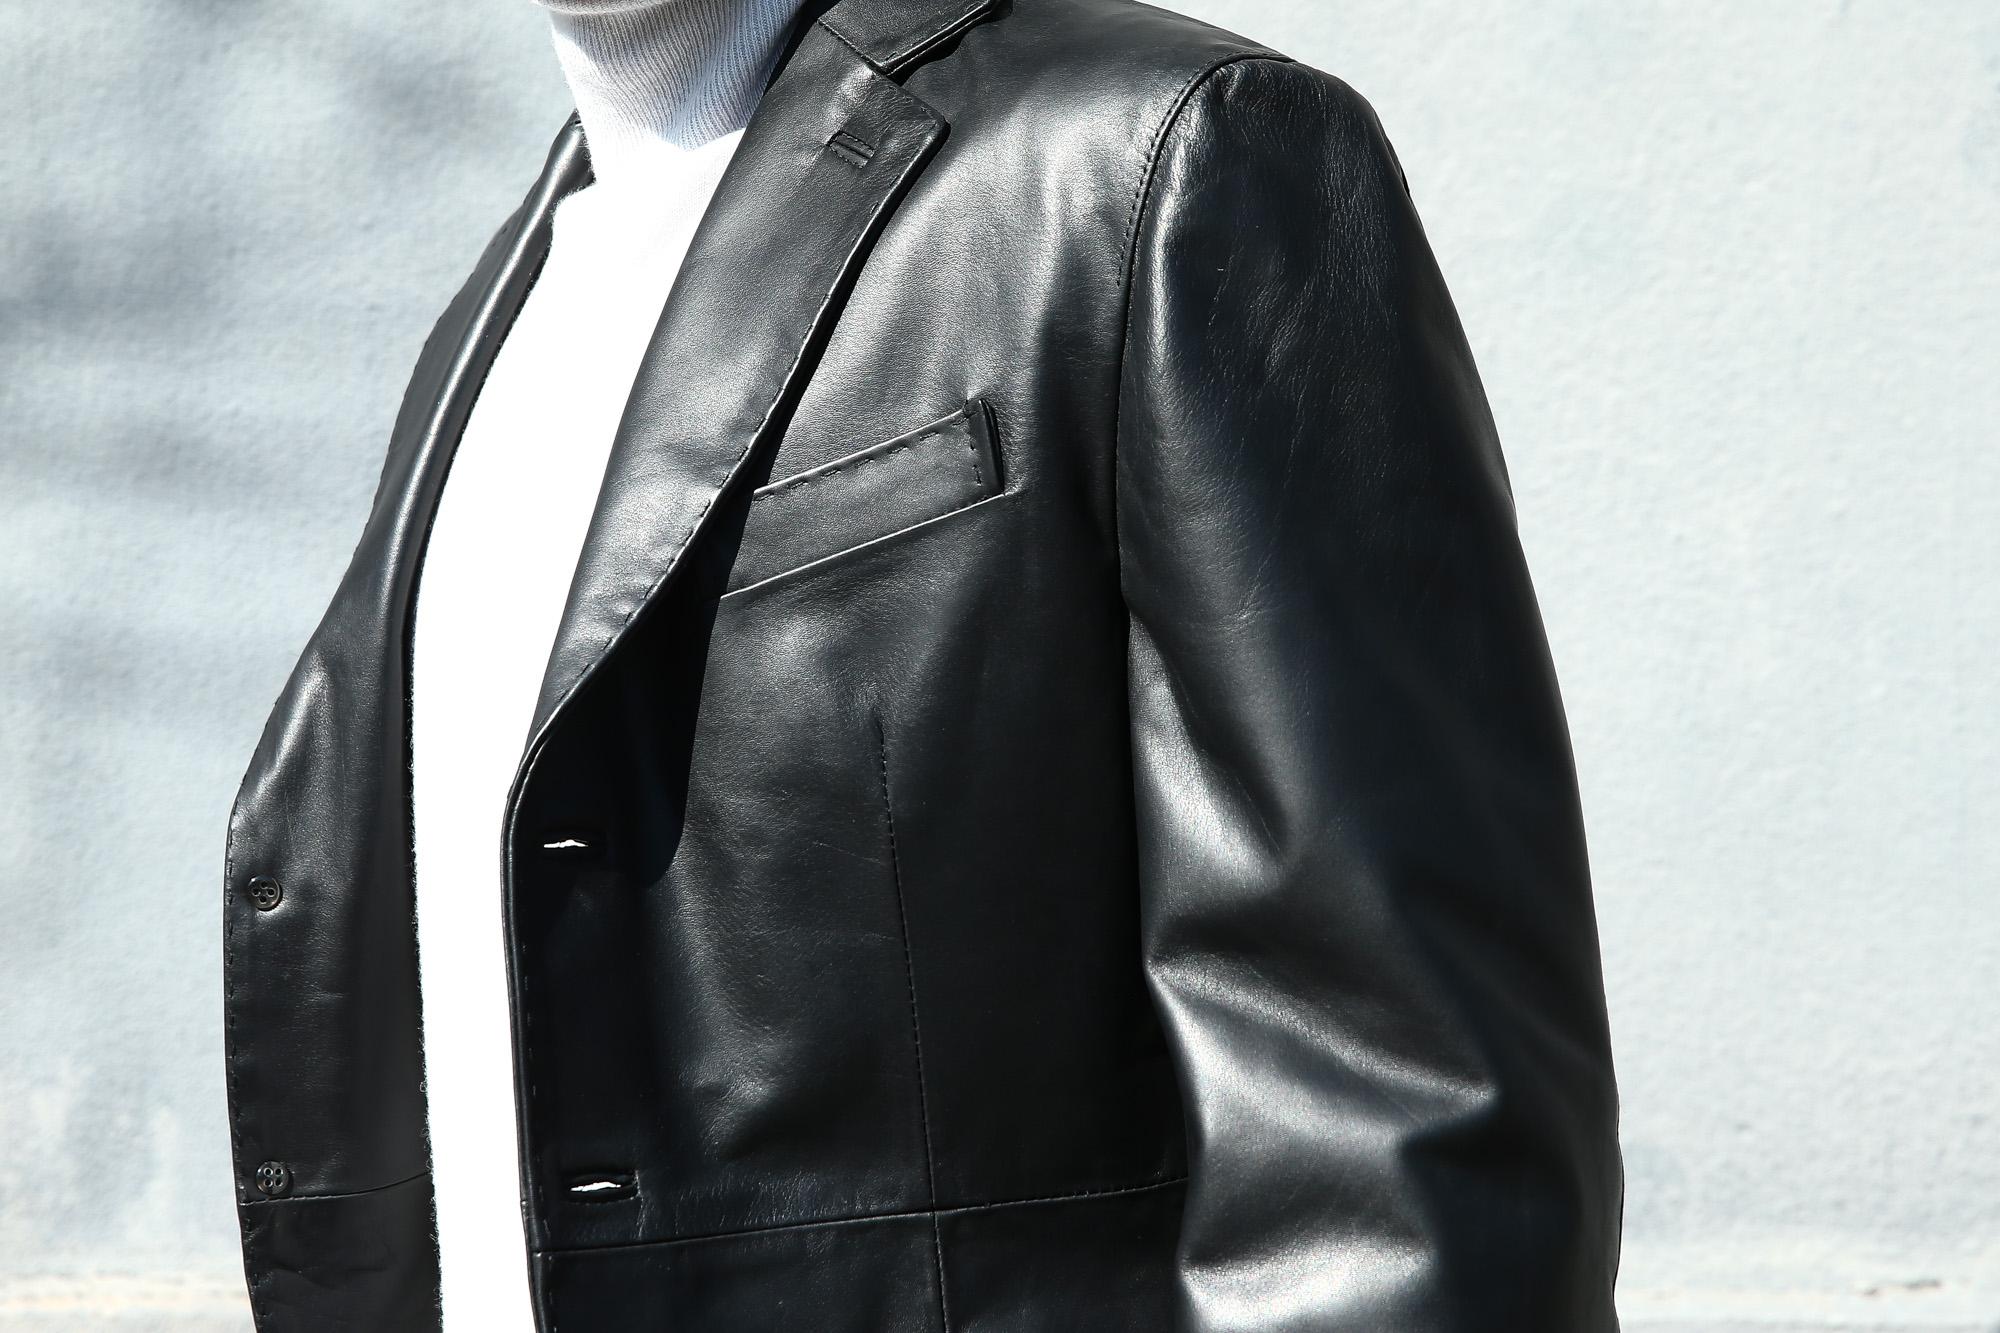 CINQUANTA (チンクアンタ) H613 SINGLE TAILORED JACKET CAVALLO (シングル テーラード ジャケット) ホースレザー ジャケット BLACK (ブラック・999) Made in italy (イタリア製) 2018 春夏新作 cinquanta チンクアンタ レザージャケット ジャケット 愛知 名古屋 Alto e Diritto アルト エ デリット